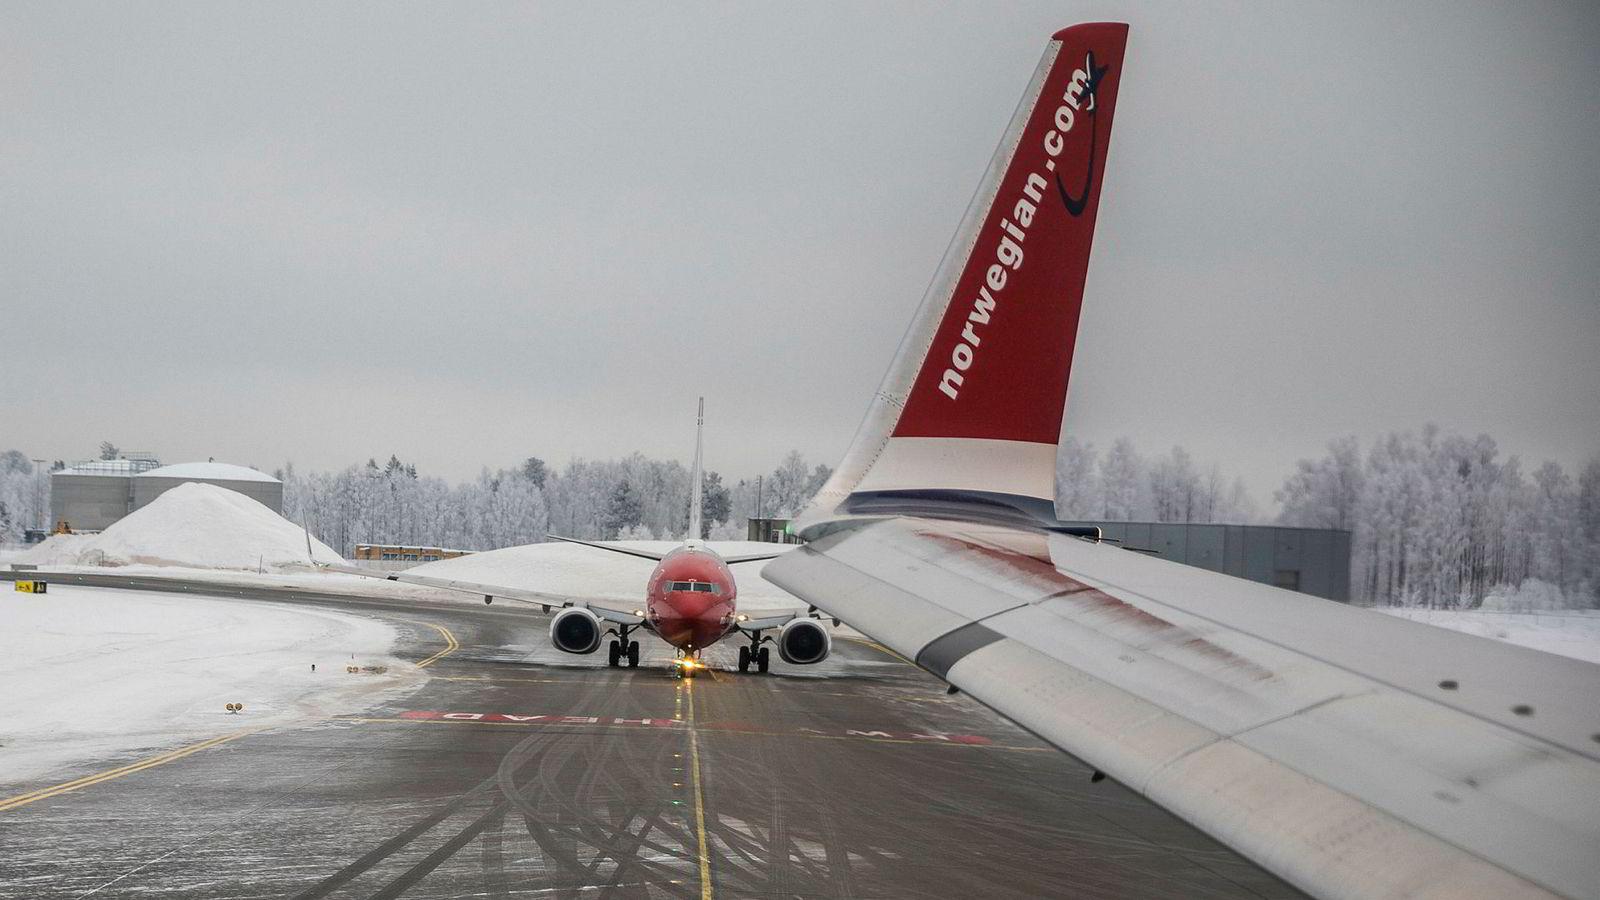 Norwegian kan glede seg over kraftig passasjervekst og storgevinst på sikring av drivstoffpriser så langt i år. Her fra Gardermoen.